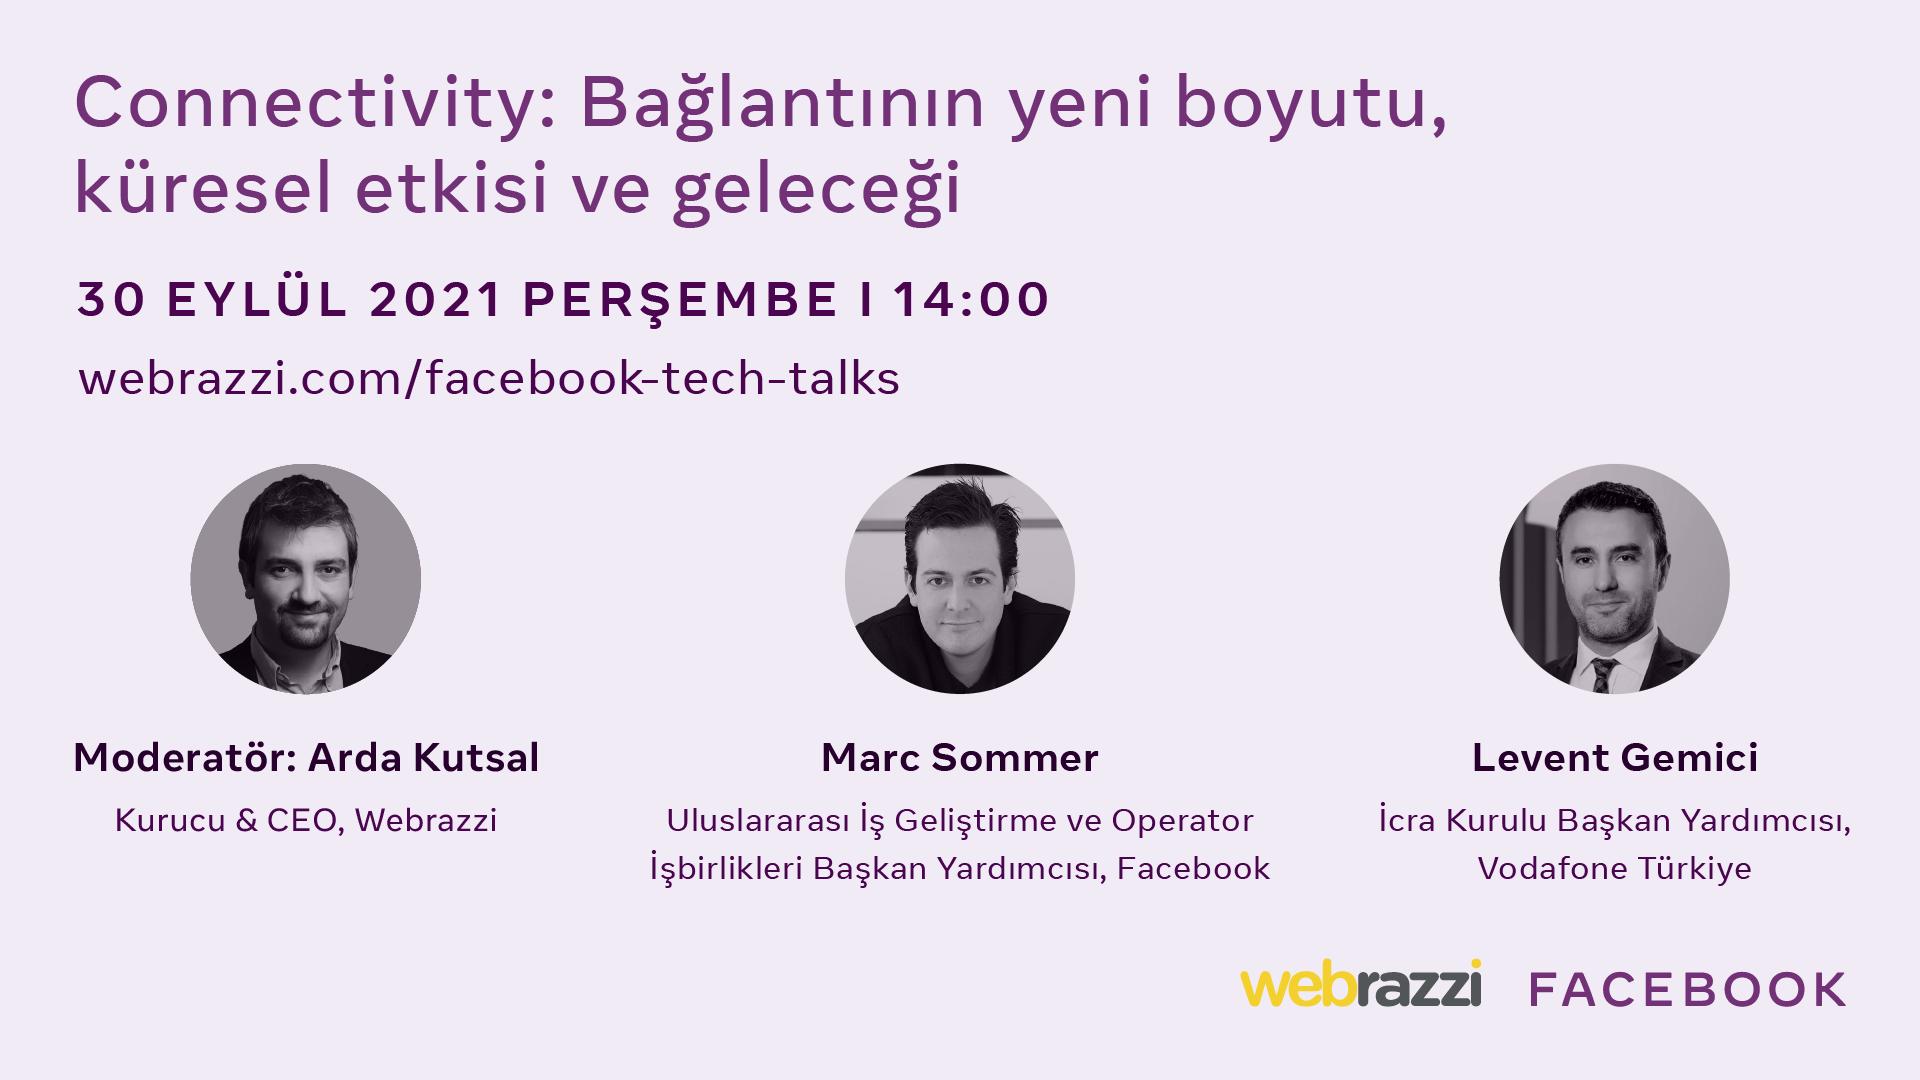 Facebook Tech Talks'ta bağlantının yeni boyutunu, küresel etkisini ve geleceğini konuşacağız